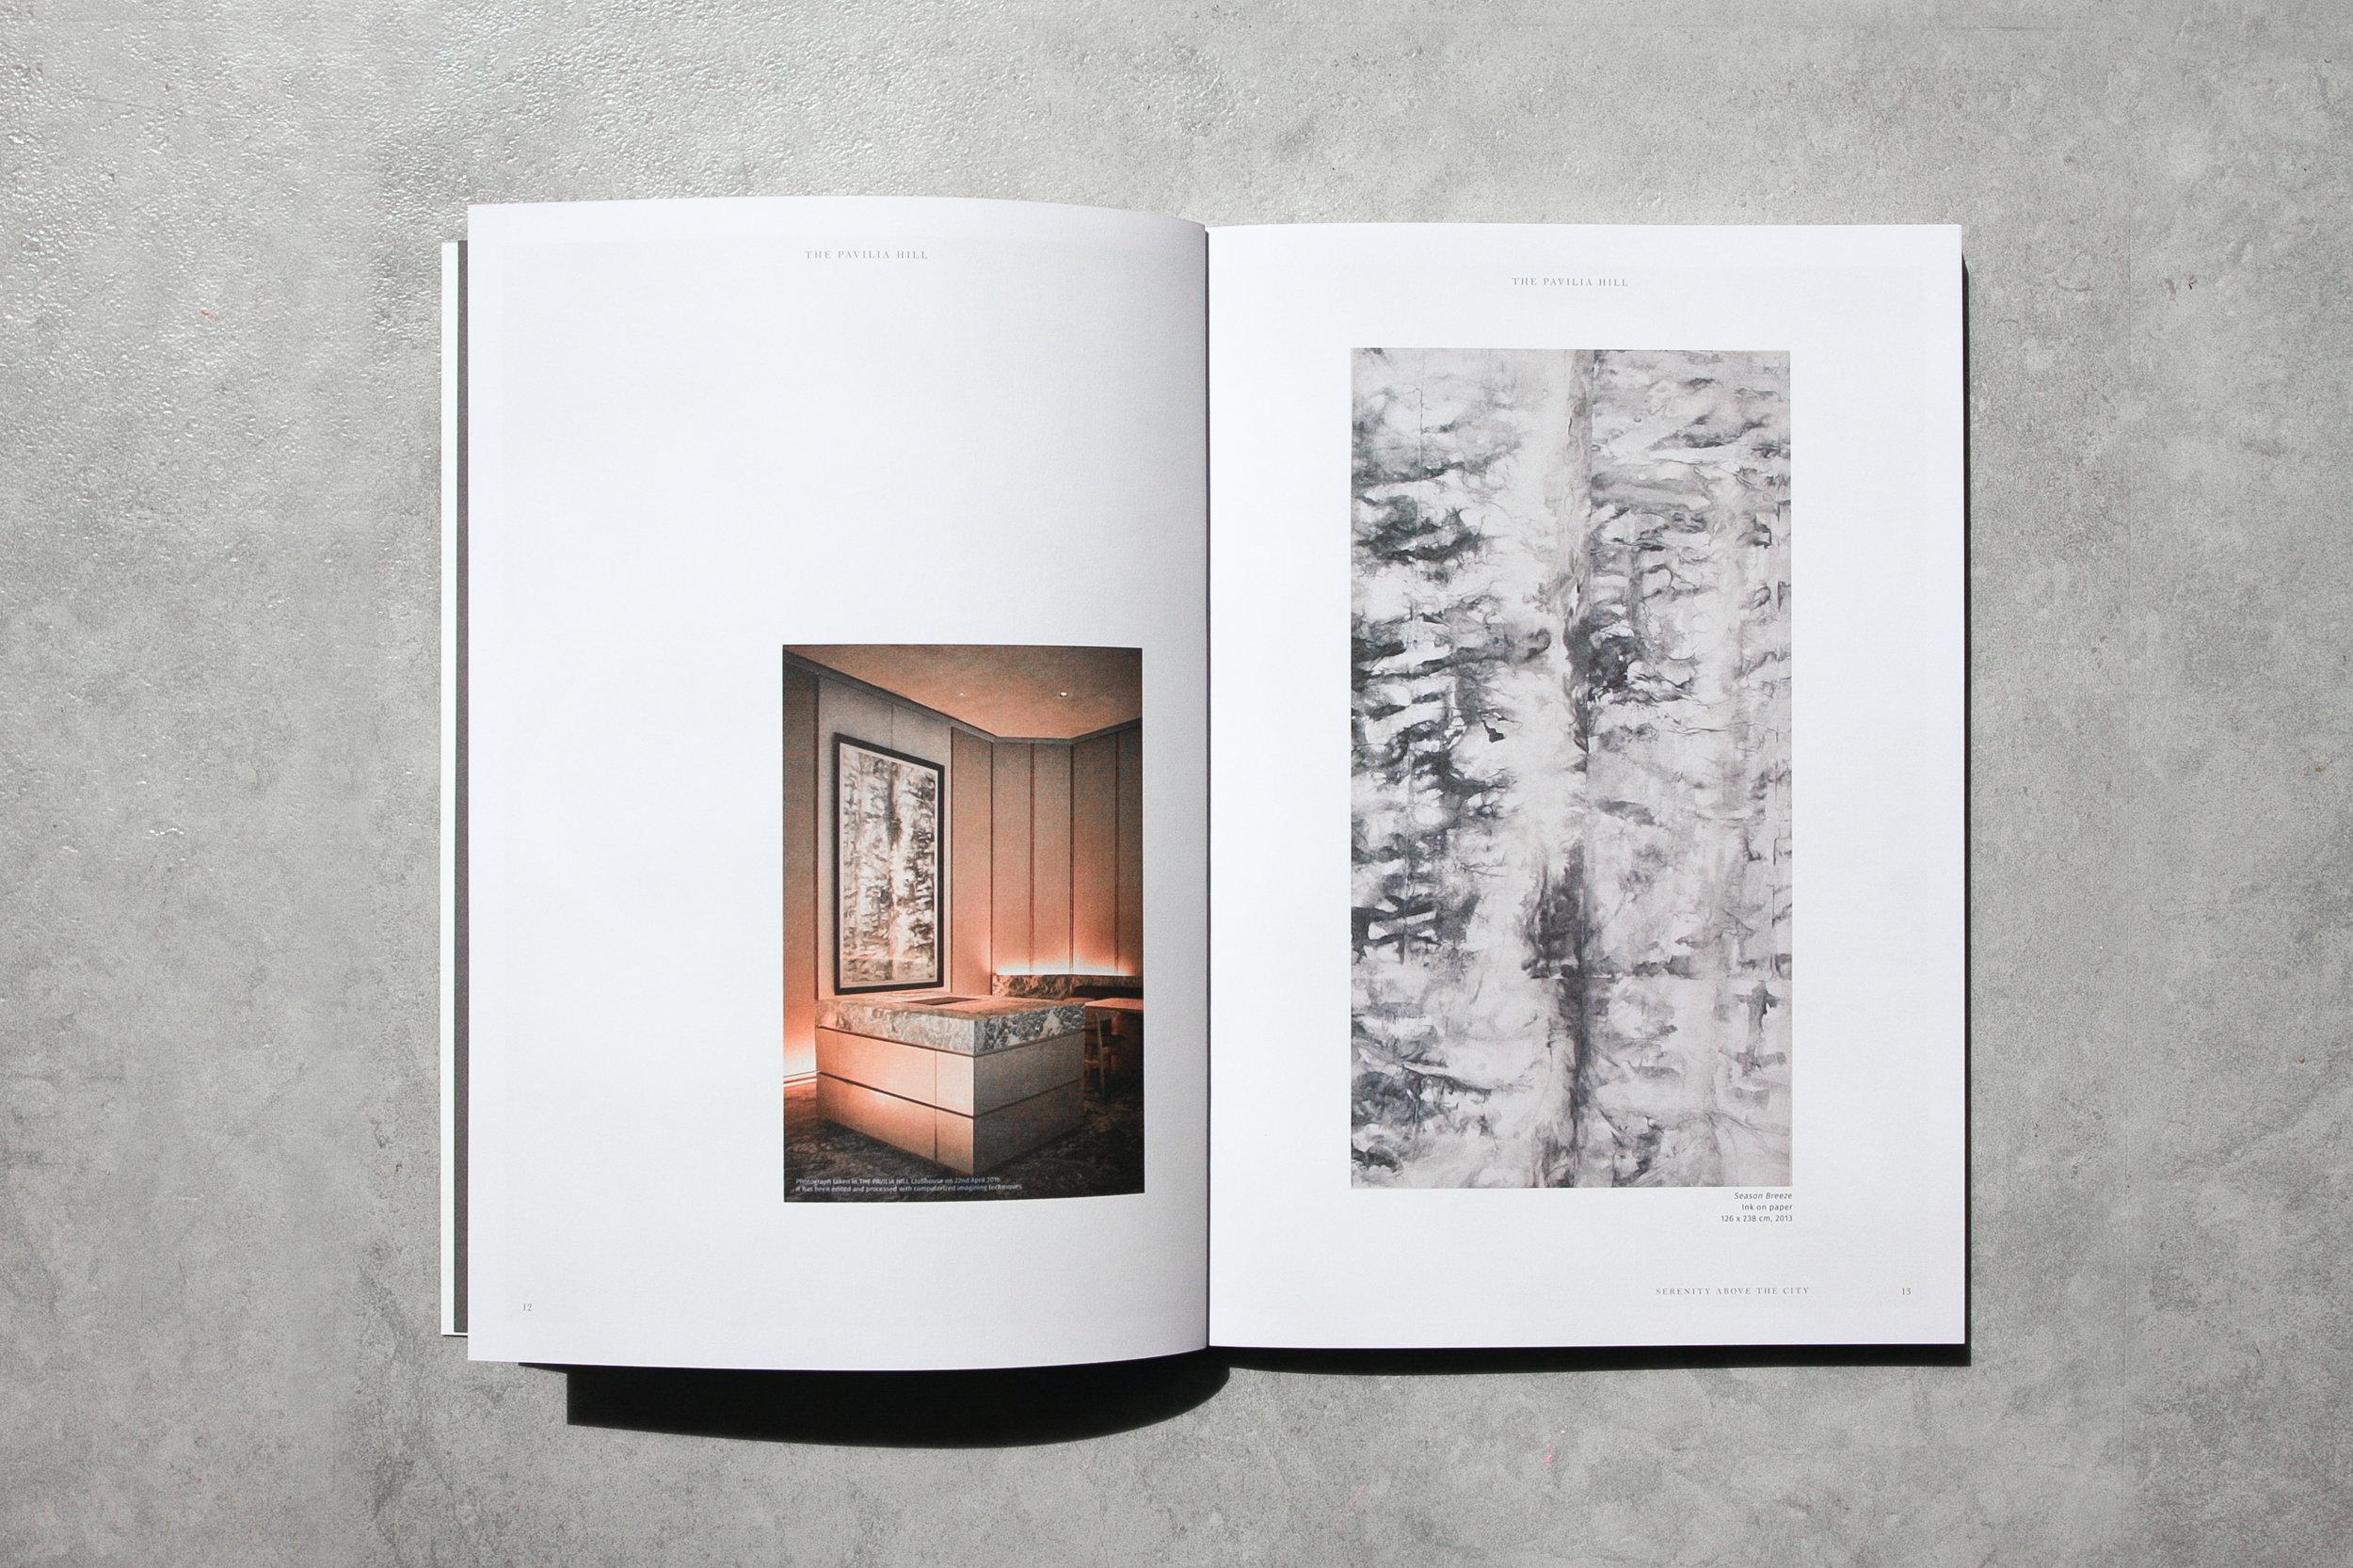 nwd_artisanal movement booklet_006.jpg